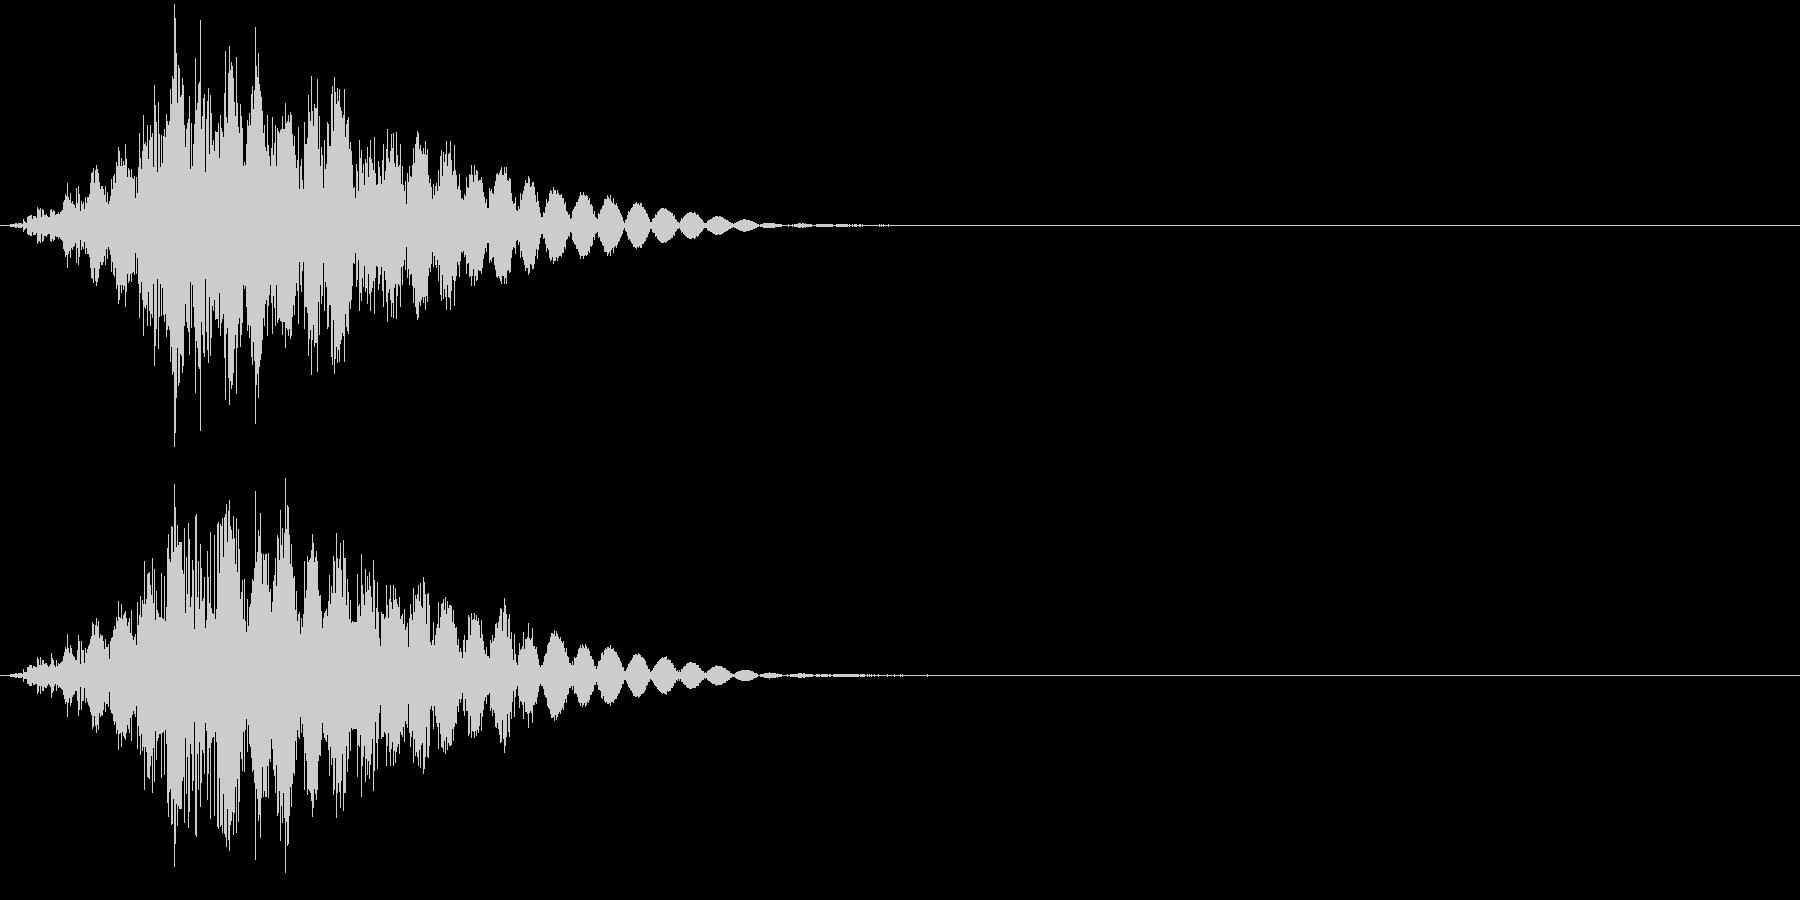 KAKUGE 格闘ゲーム戦闘音 64の未再生の波形